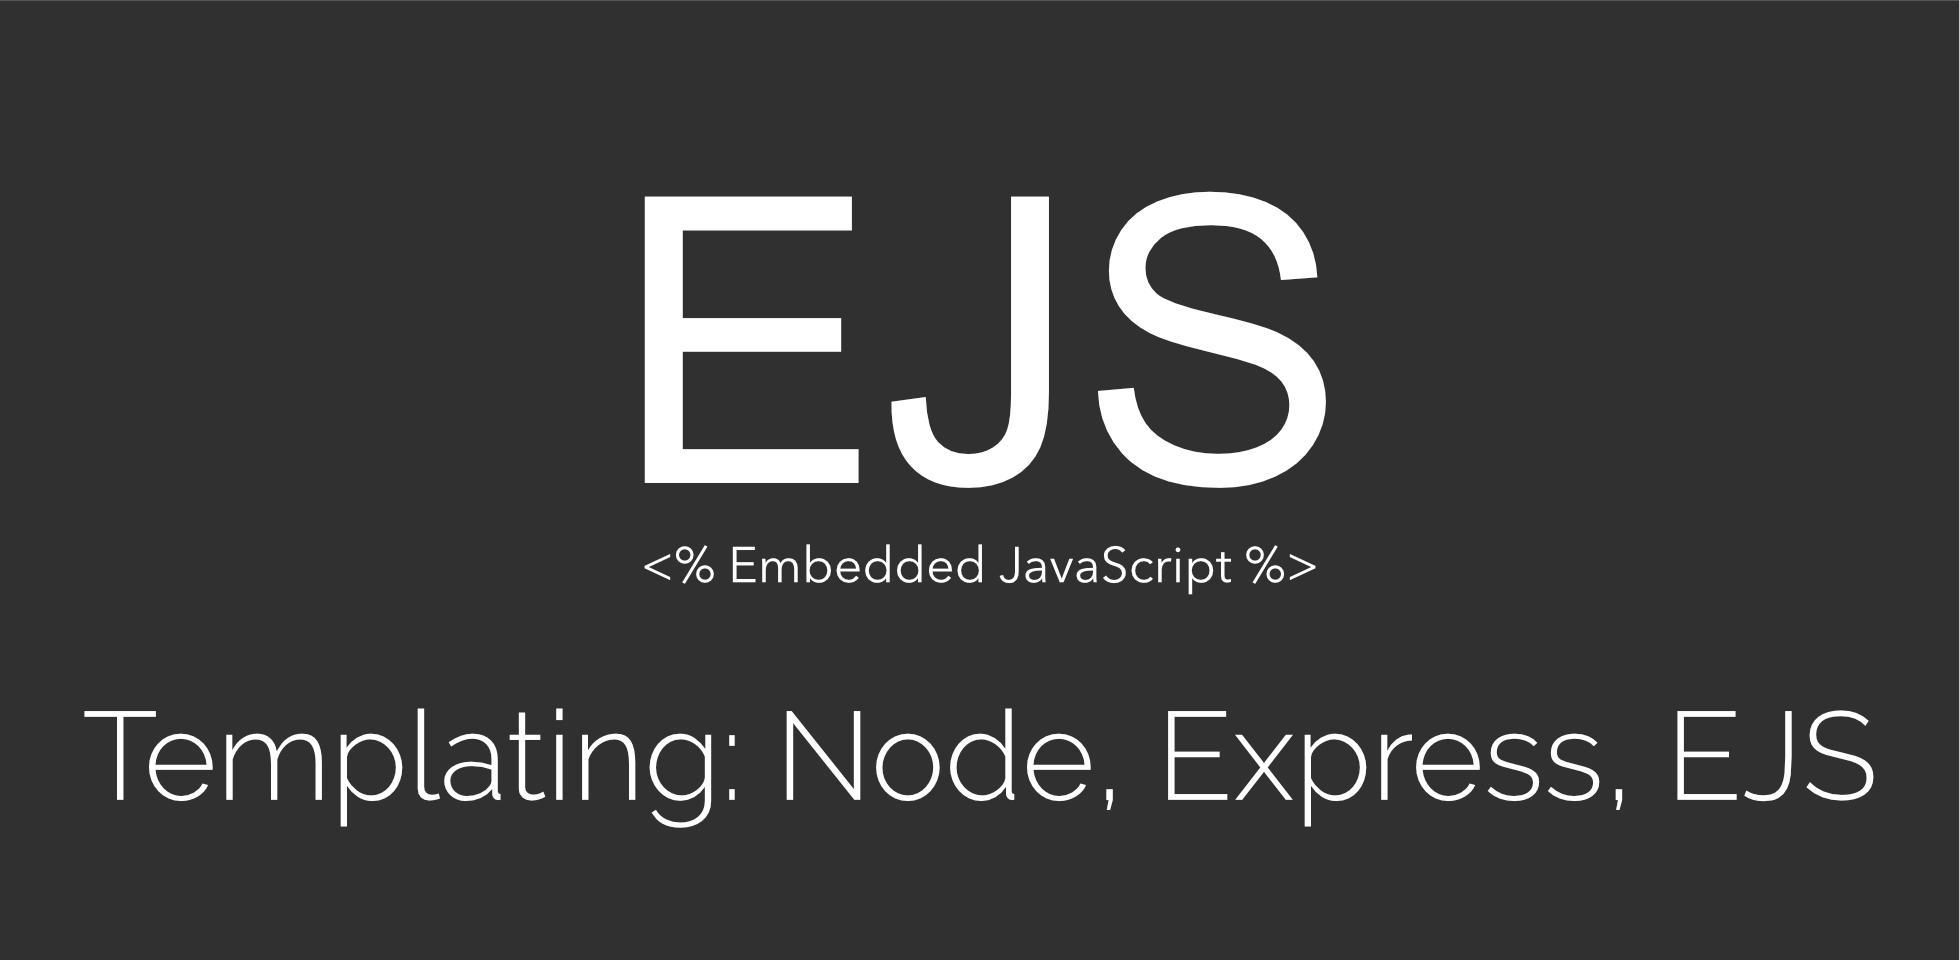 ماهي لغة القوالب ejs وكيفية استخدامها مع اطار العمل Express